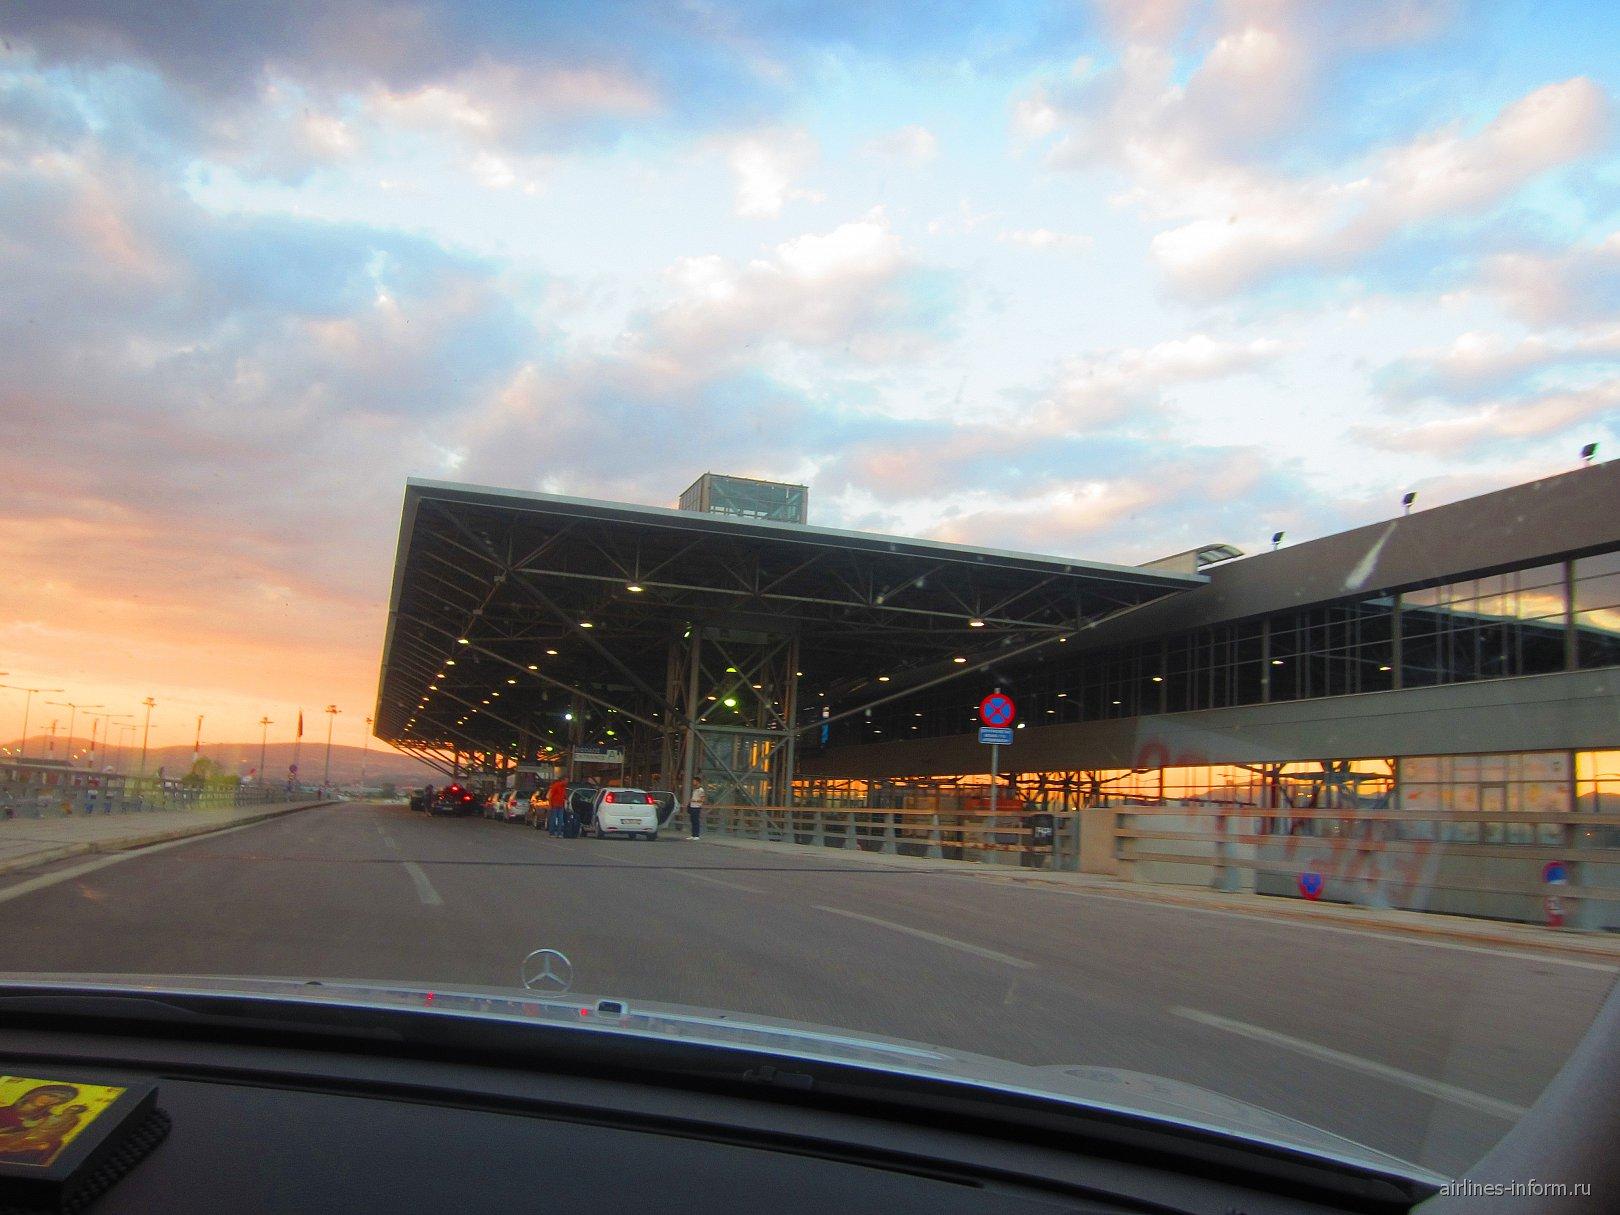 Аэровокзал аэропорта Салоники